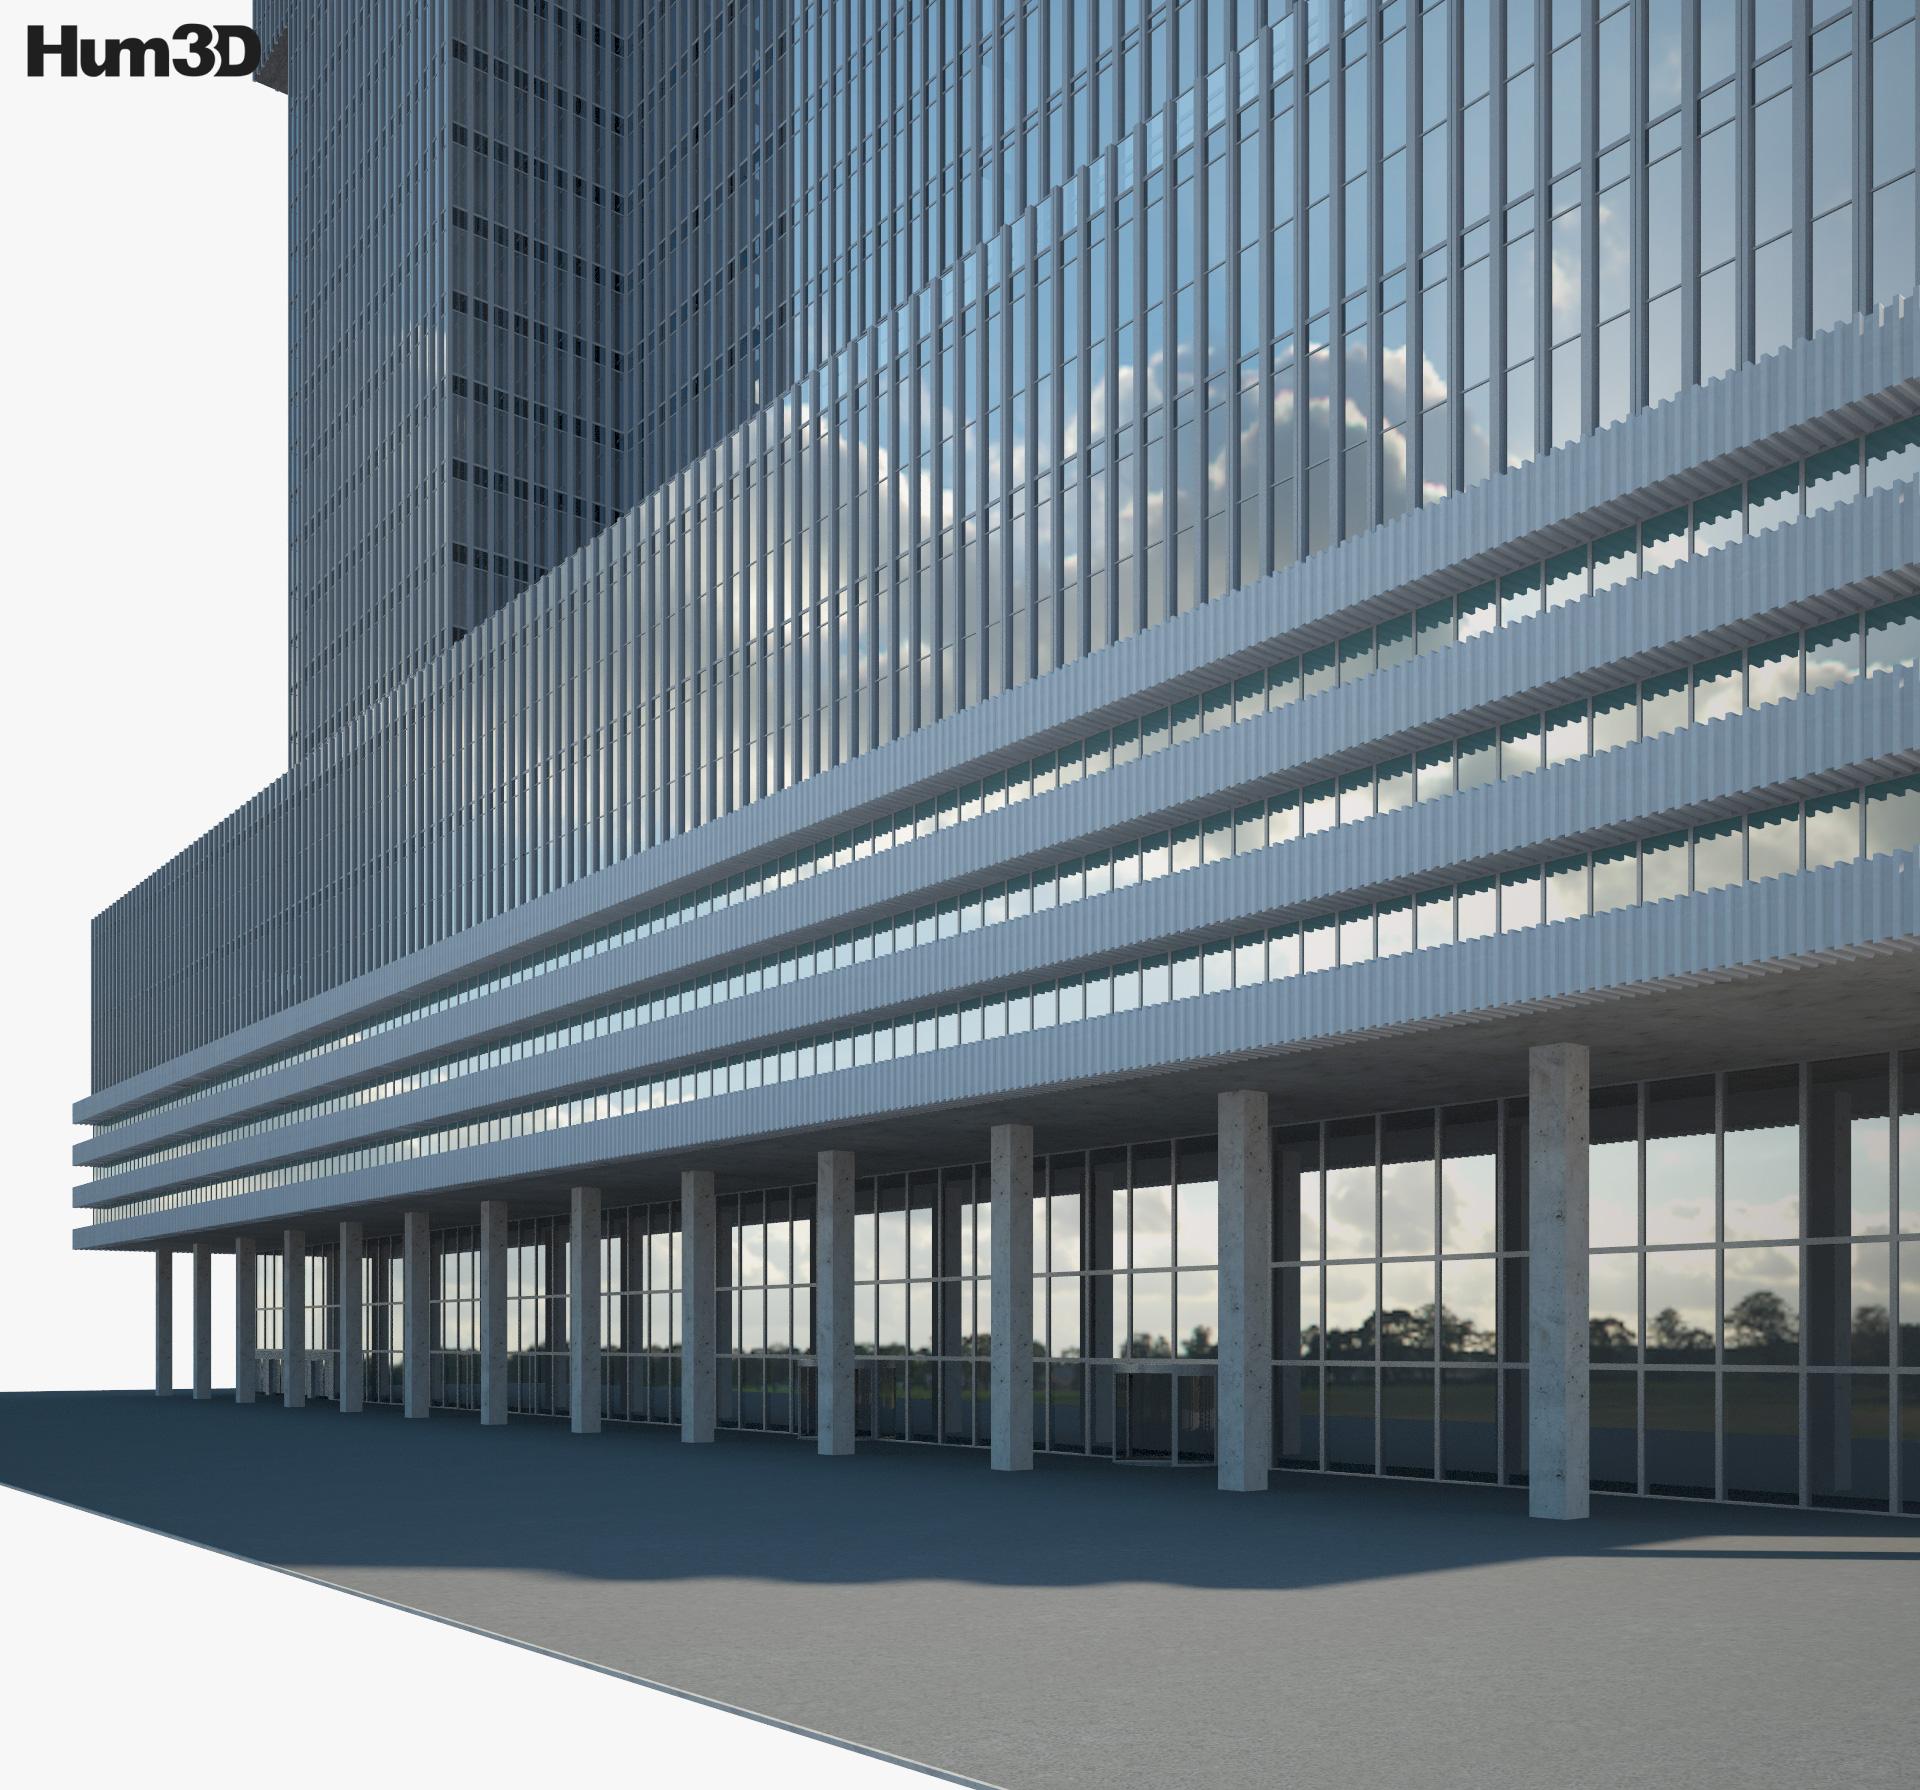 De Rotterdam 3d model